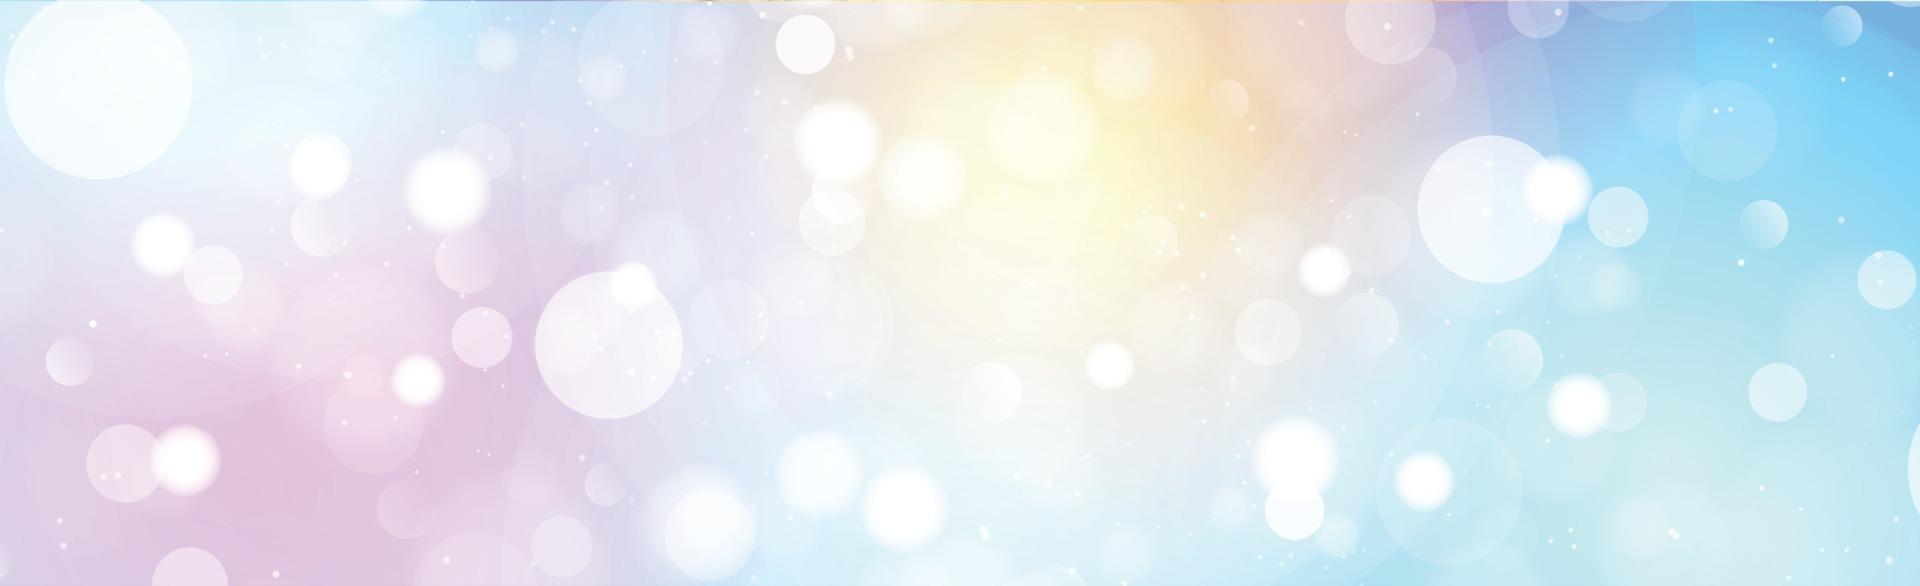 veelkleurige wazig bokeh op panorama achtergrond vector